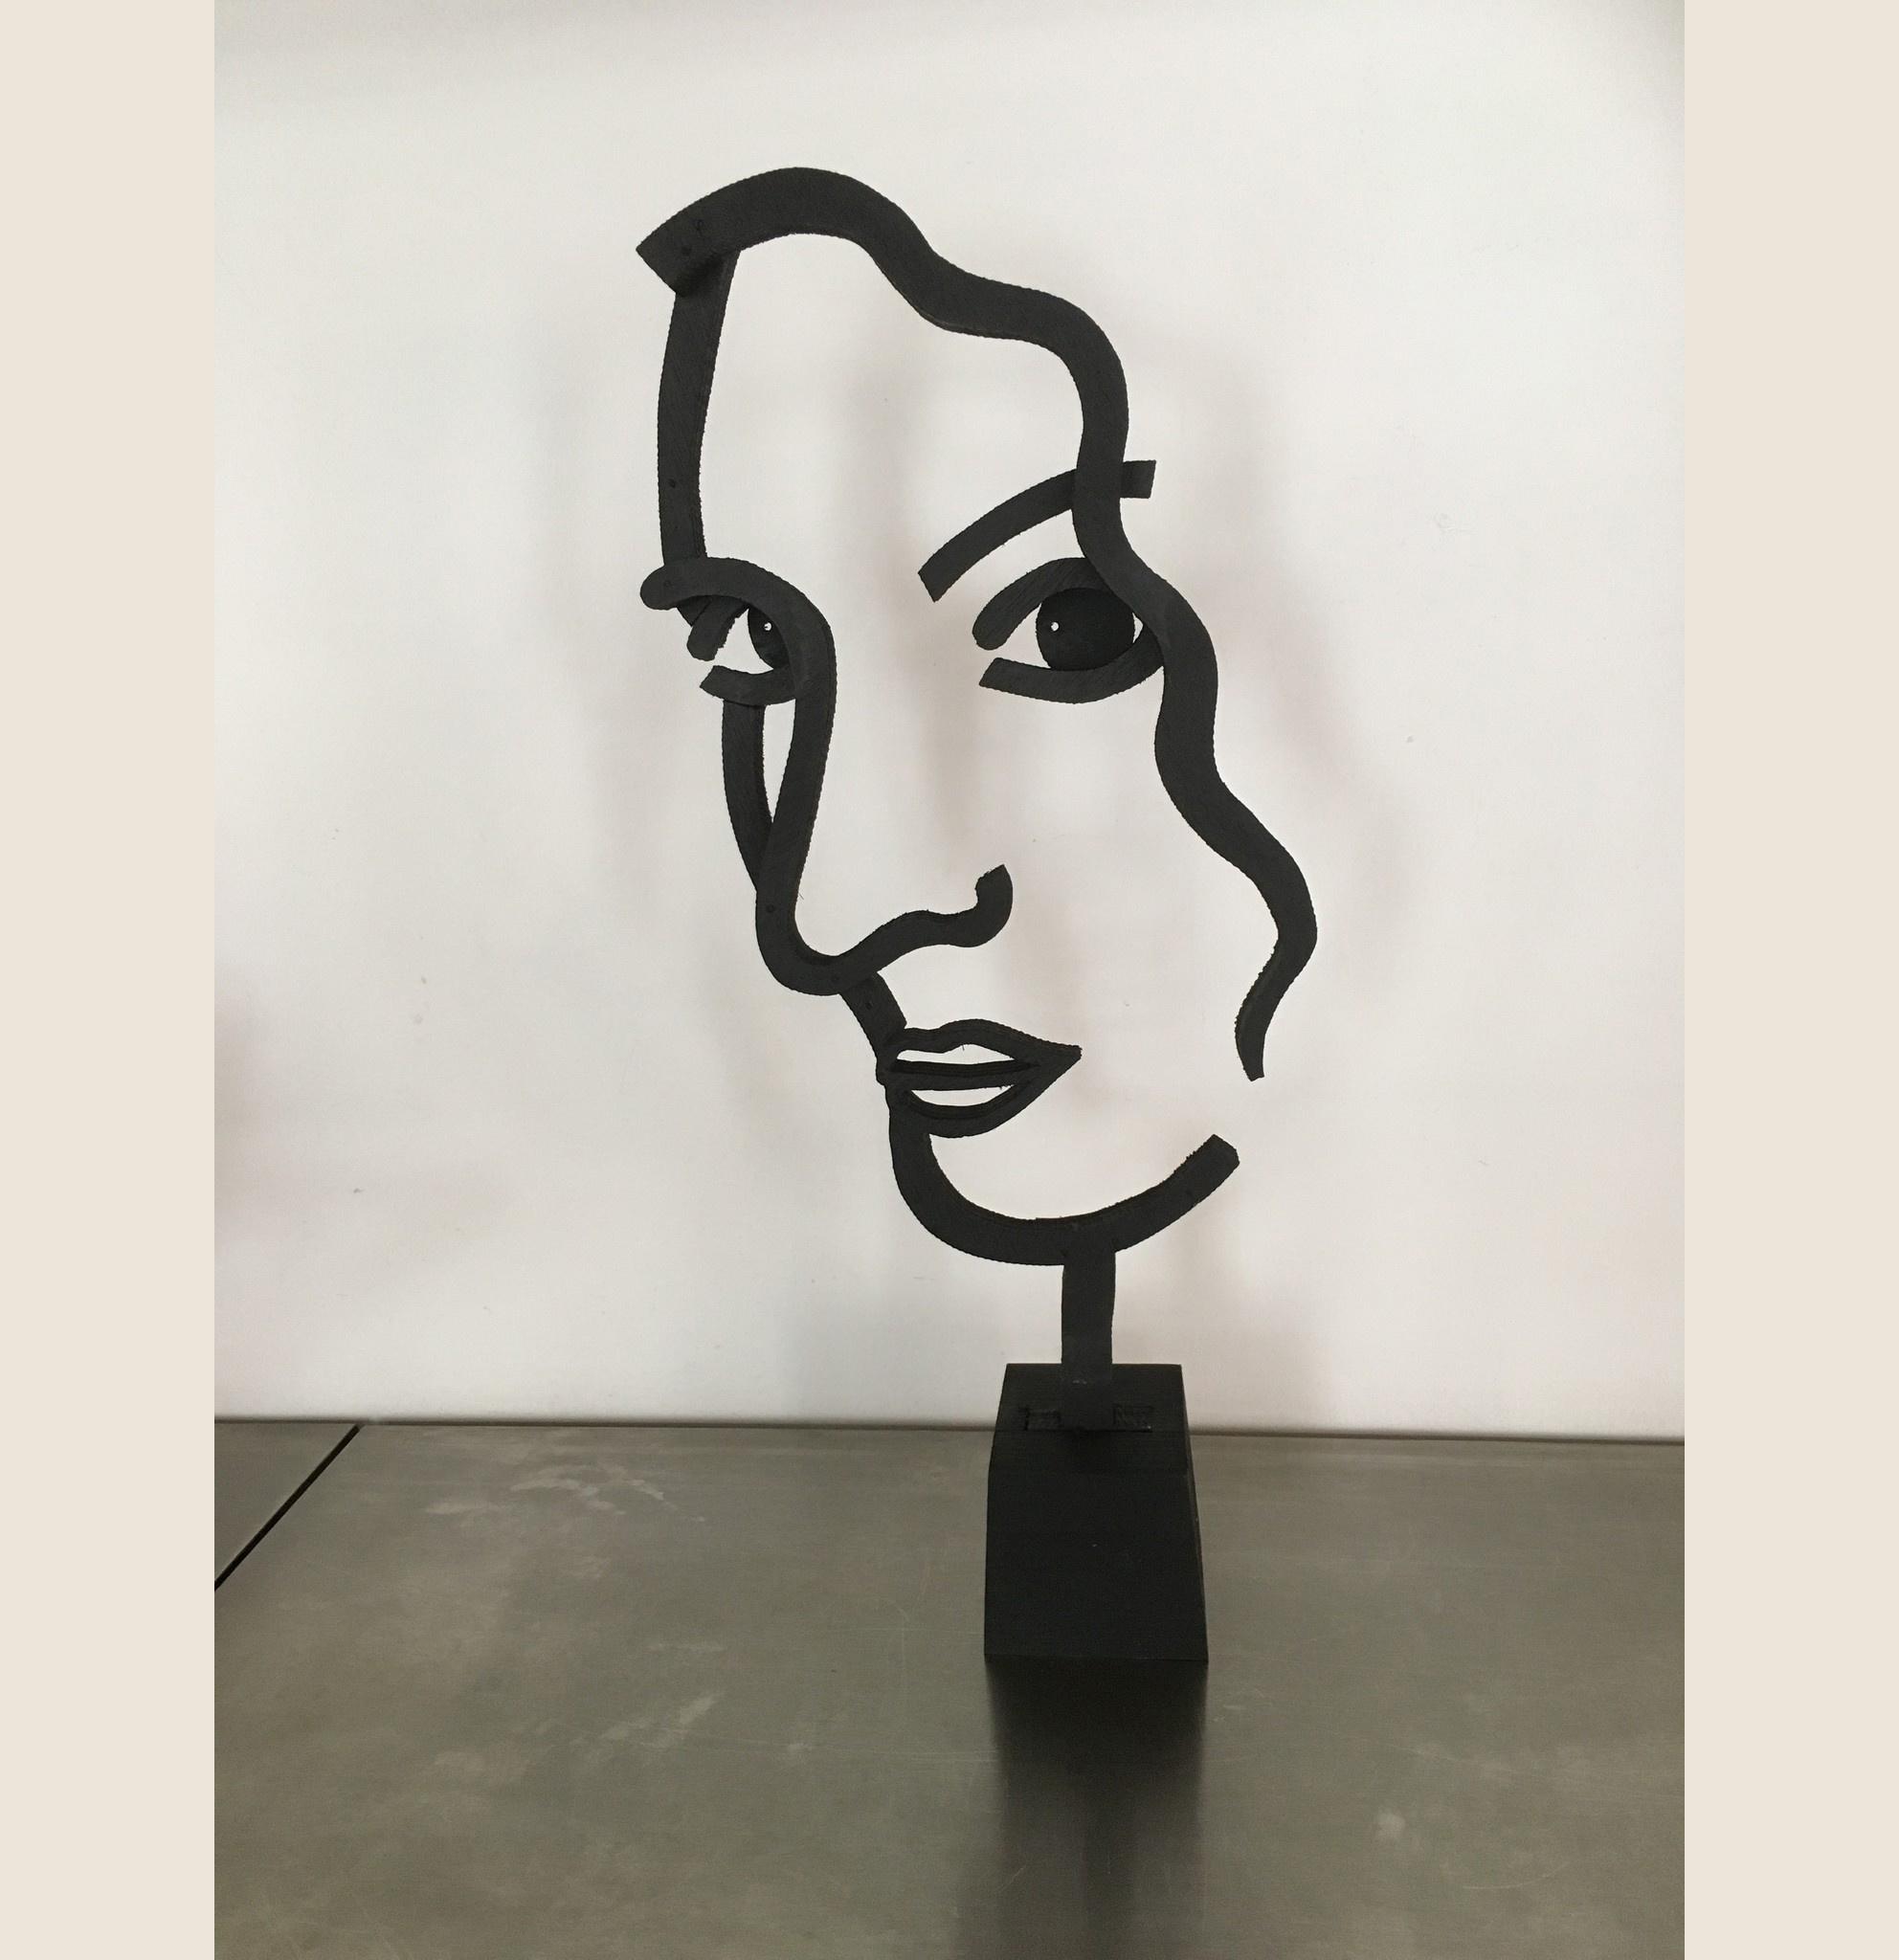 J. HENNEMAN | ZIJ OPENDE HAAR OGEN, NR B, 2018